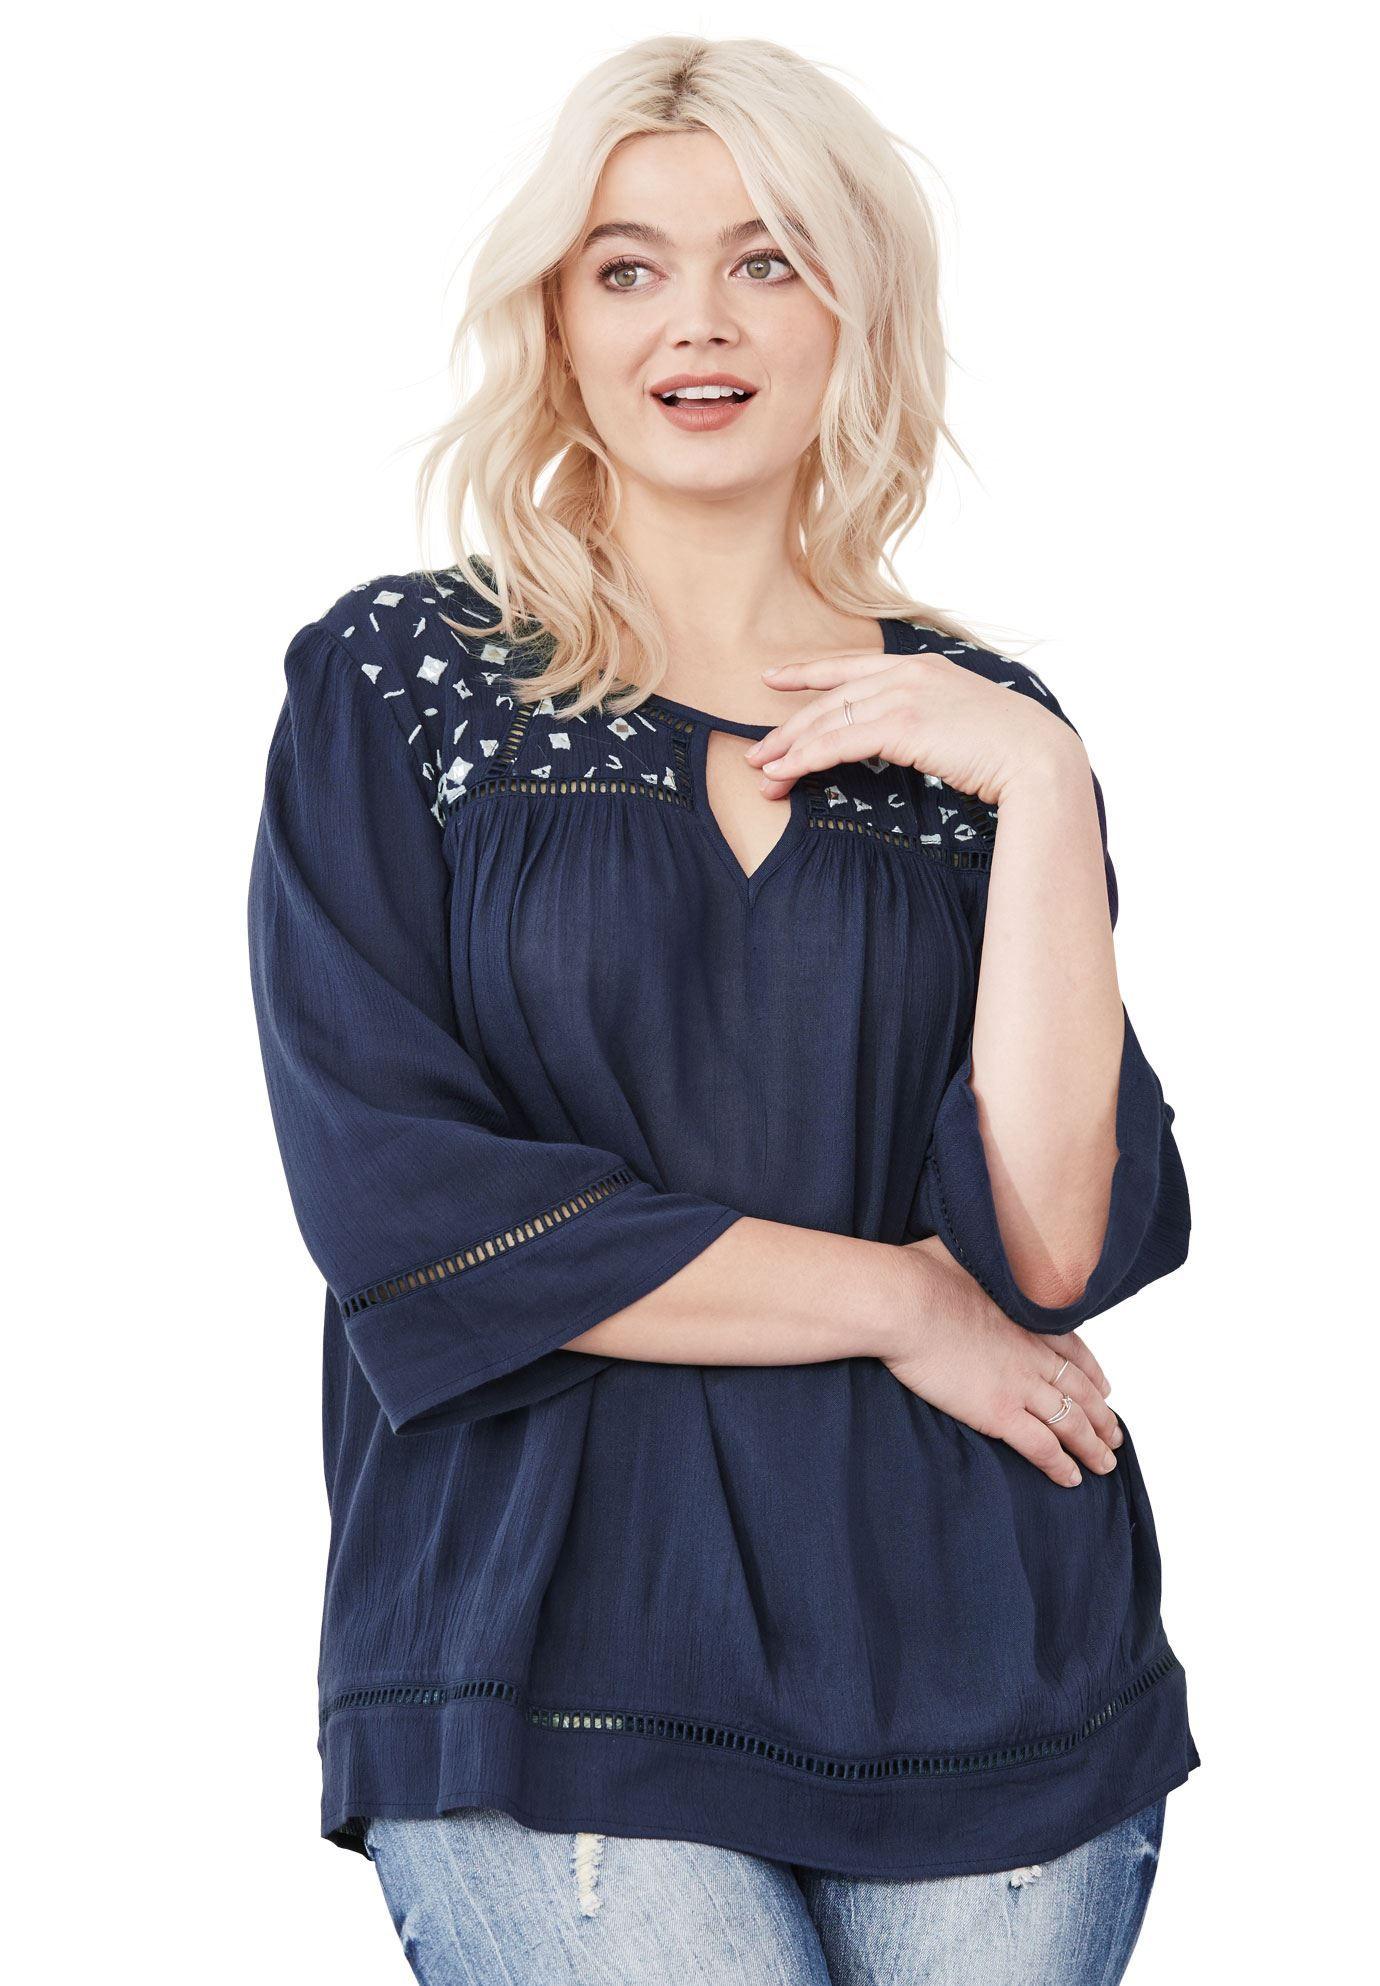 cc4d4ca8c9 Felicity Crinkle Blouse by ellos - Women s Plus Size Clothing ...